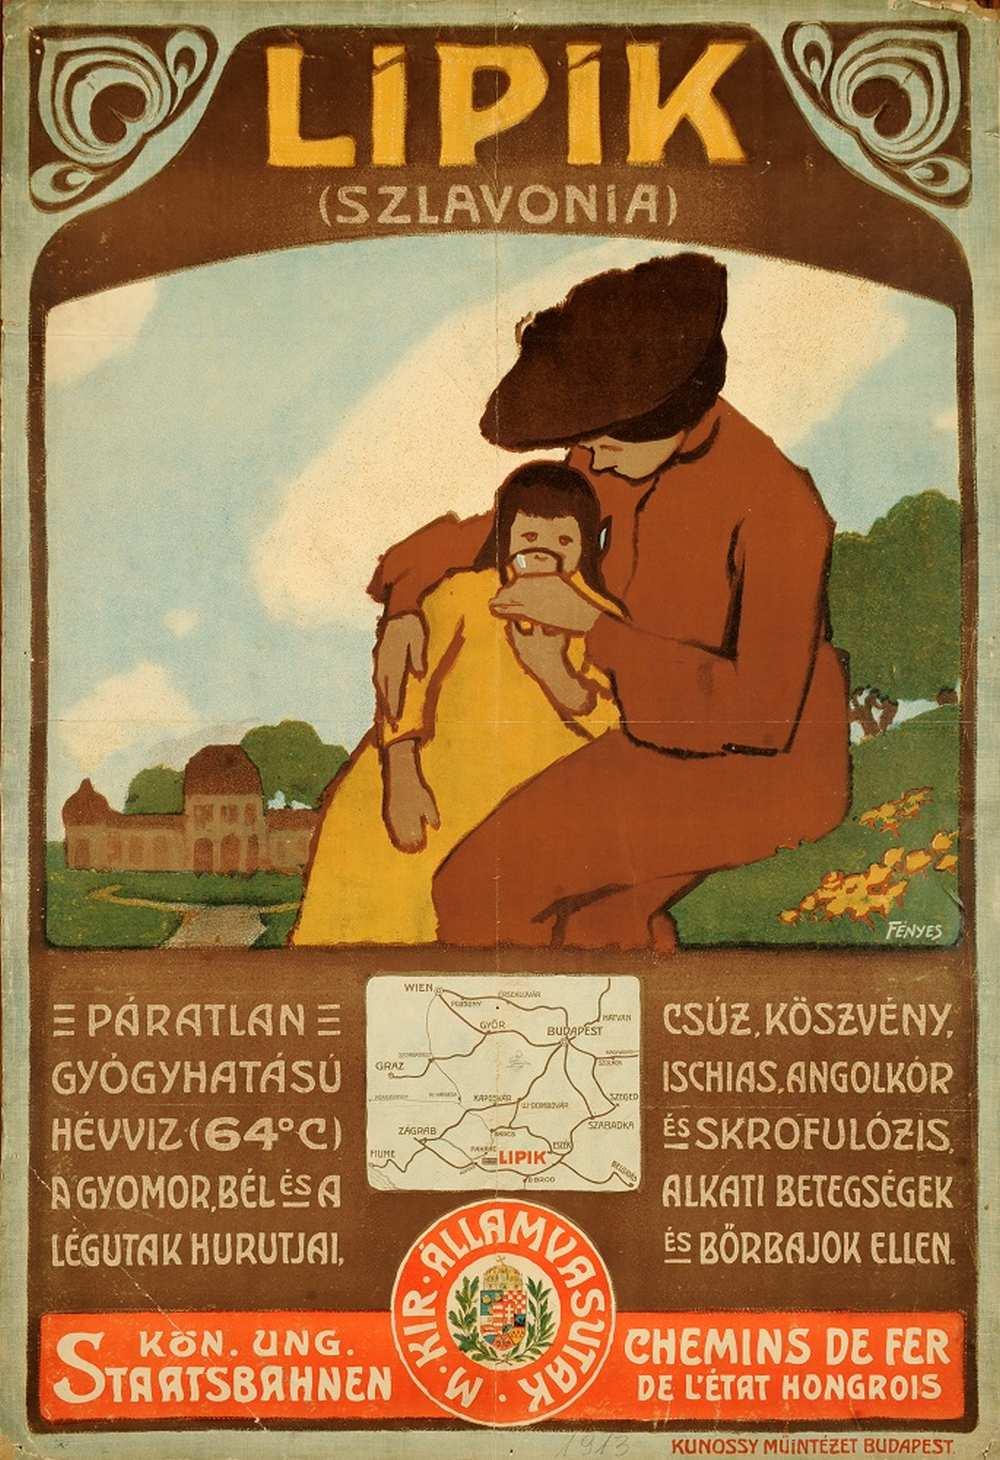 Fényes Adolf: Lipik (1906) – Térkép-, Plakát- és Kisnyomtatványtár. Jelzet: PKG.1914e/97 http://nektar.oszk.hu/hu/manifestation/2770590